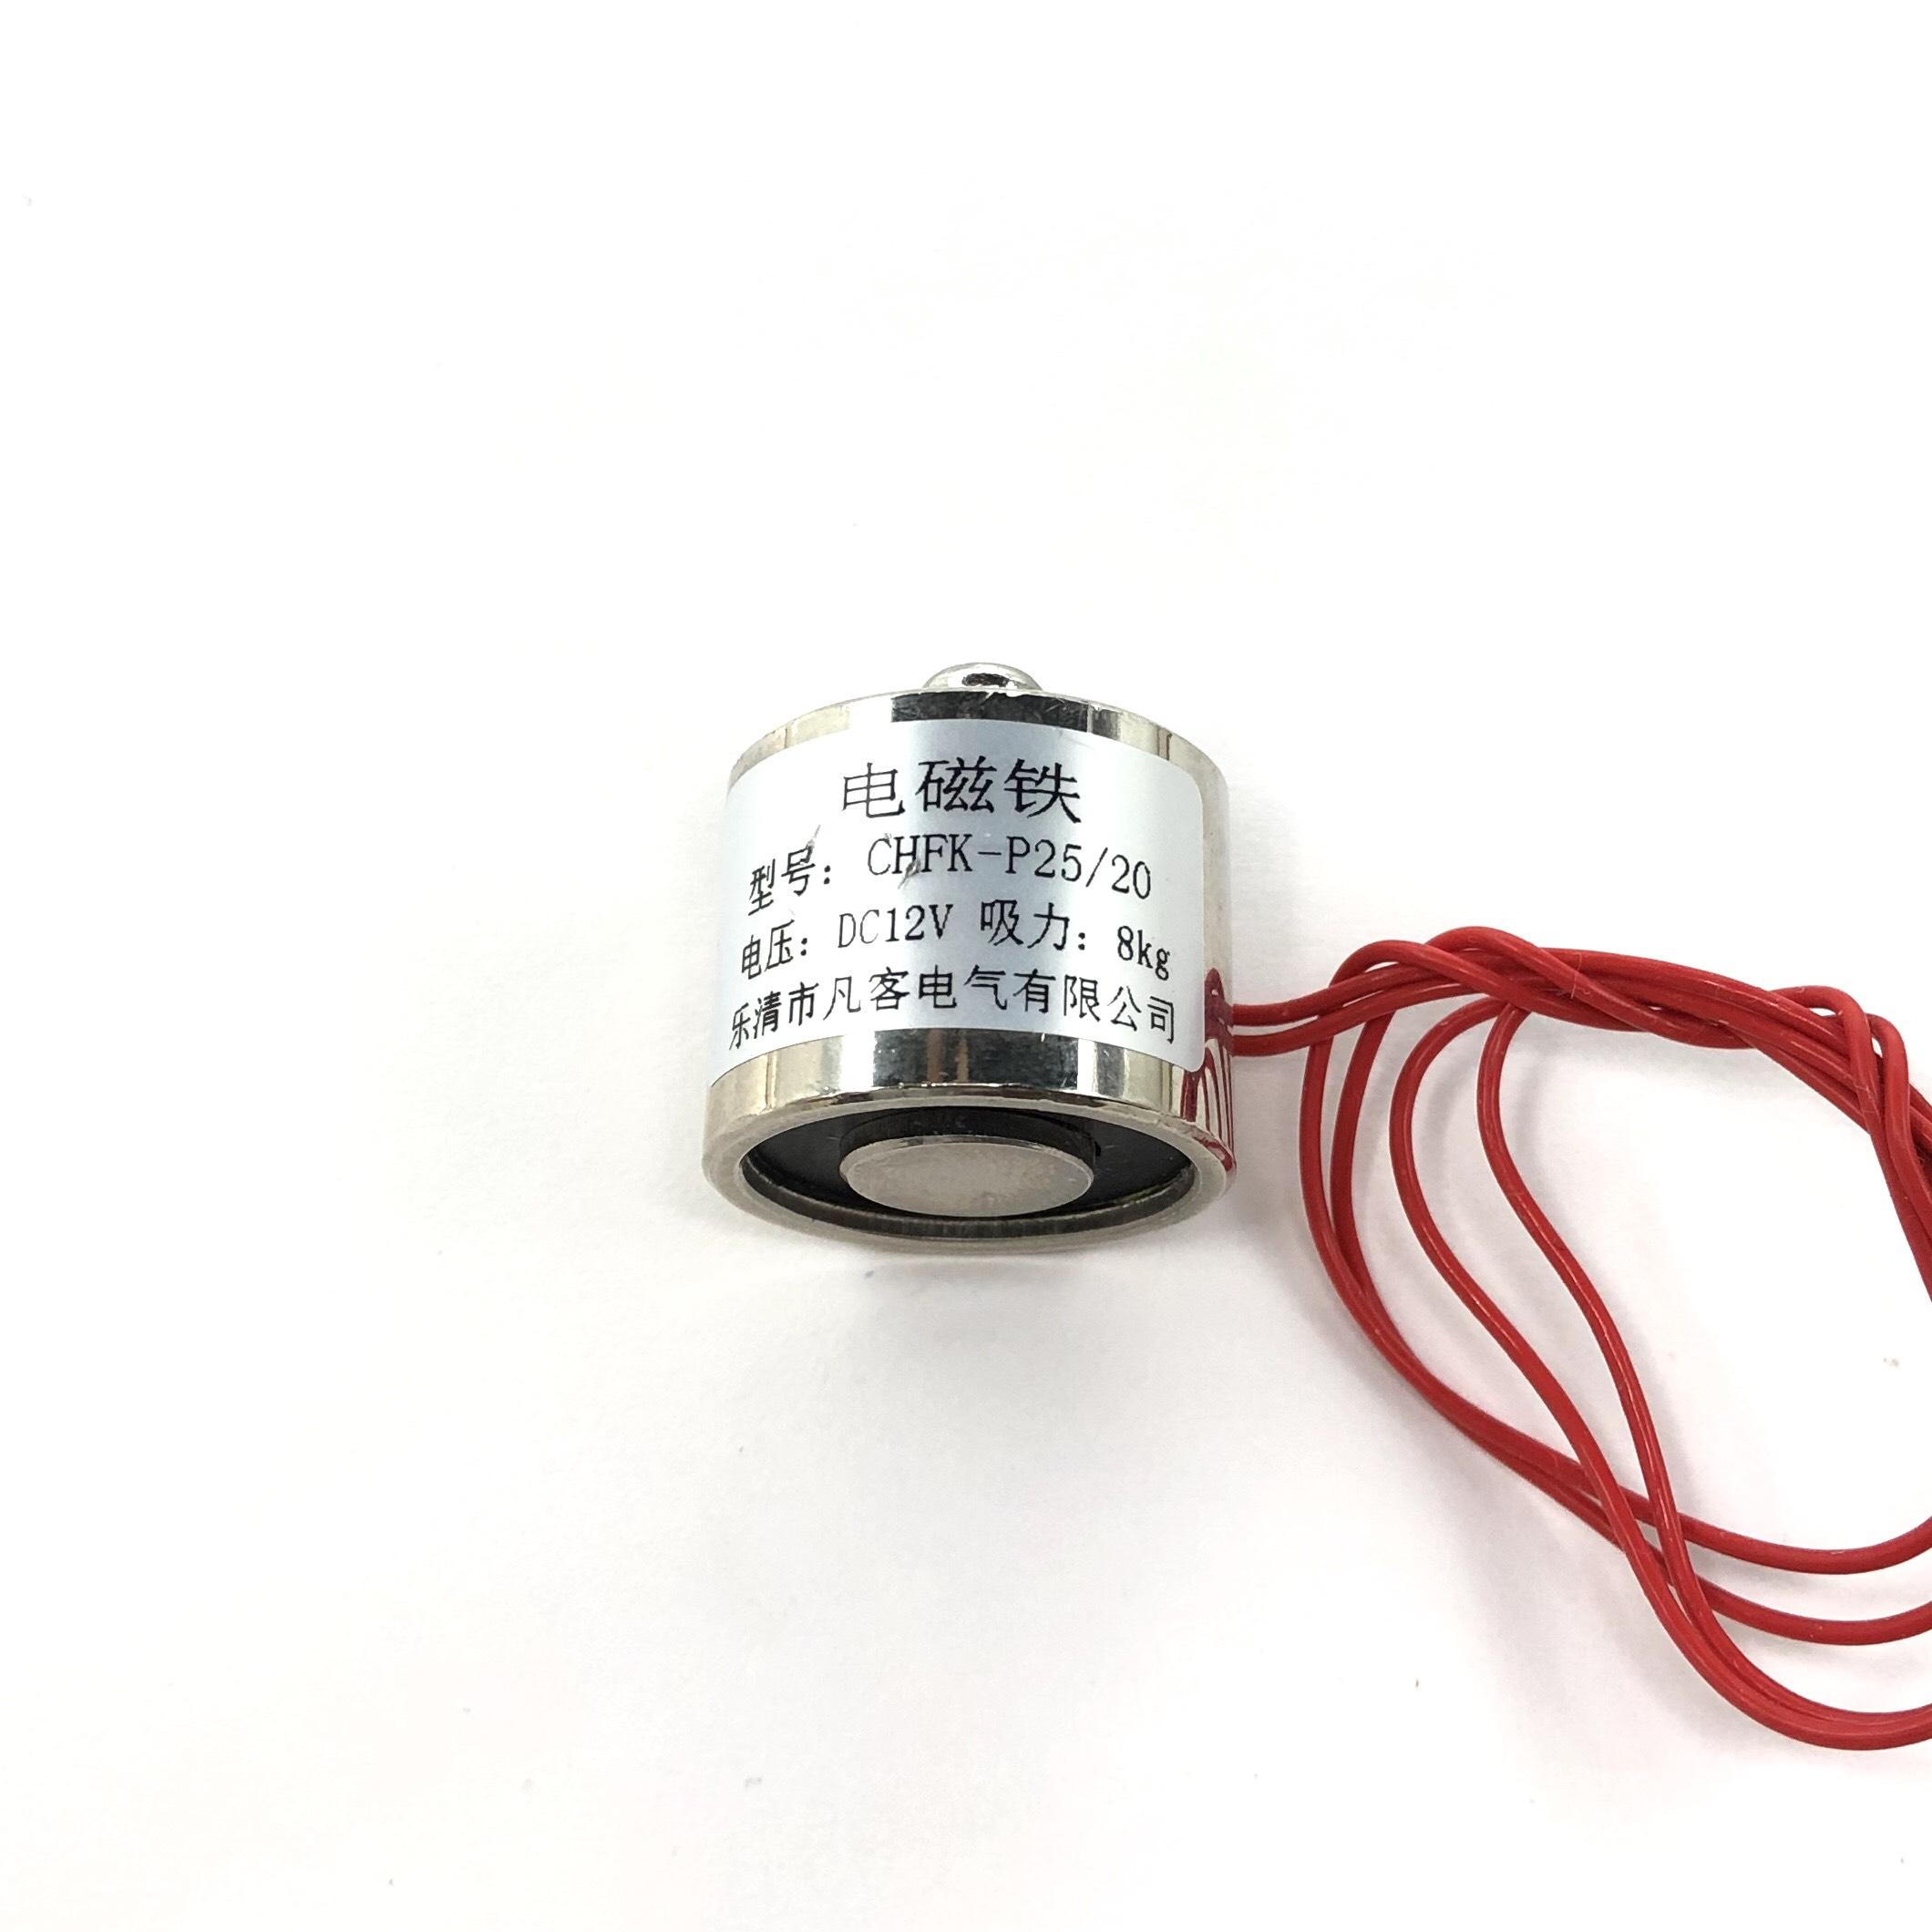 Nam châm điện P25/20 hút 8KG 12VDC - X5H12